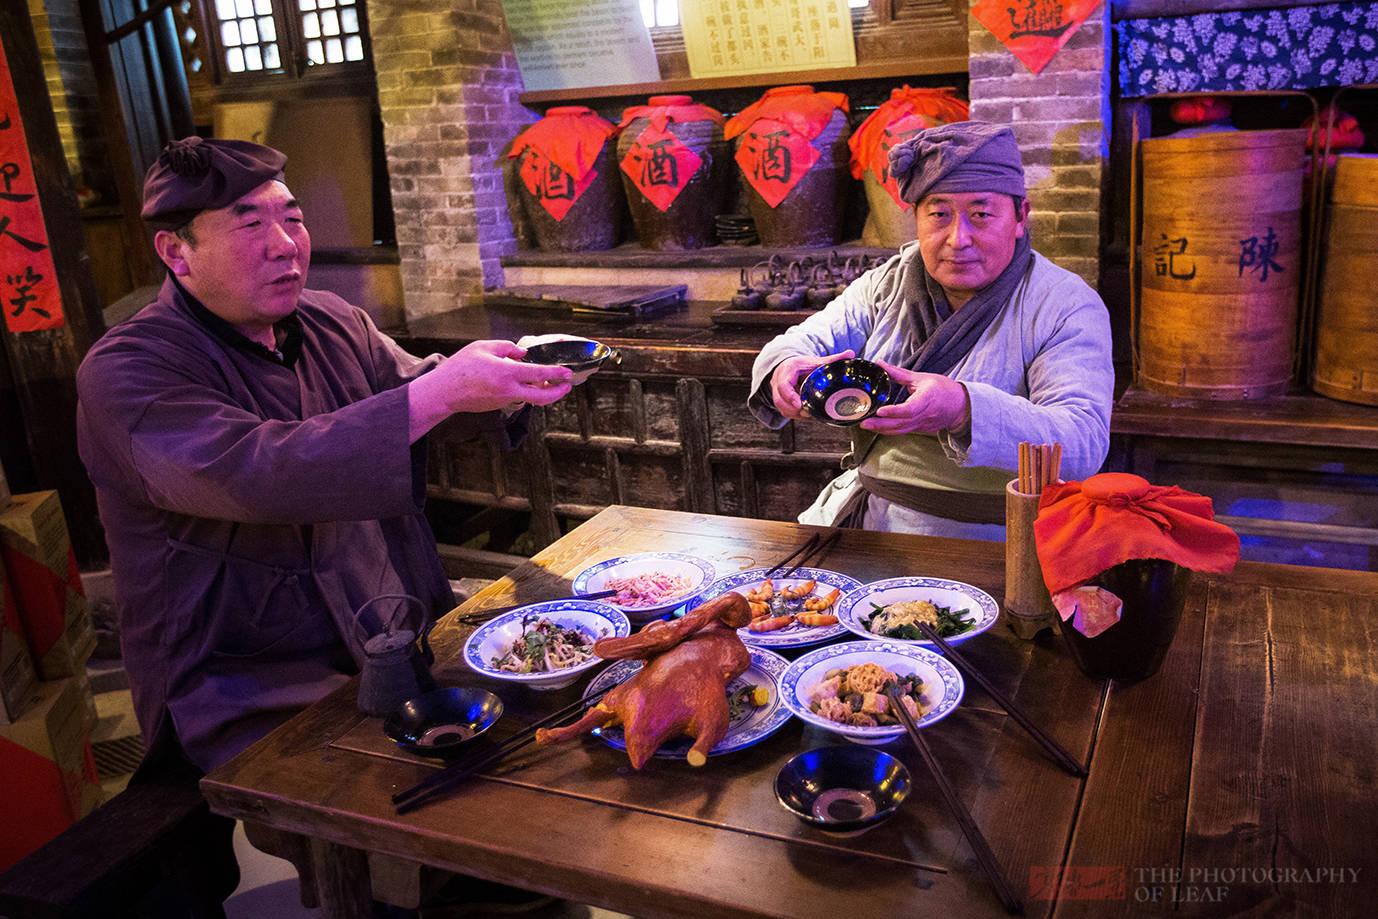 原創             中國最能喝酒的地方不是東北、河南、內蒙,而是他們,白酒當水喝